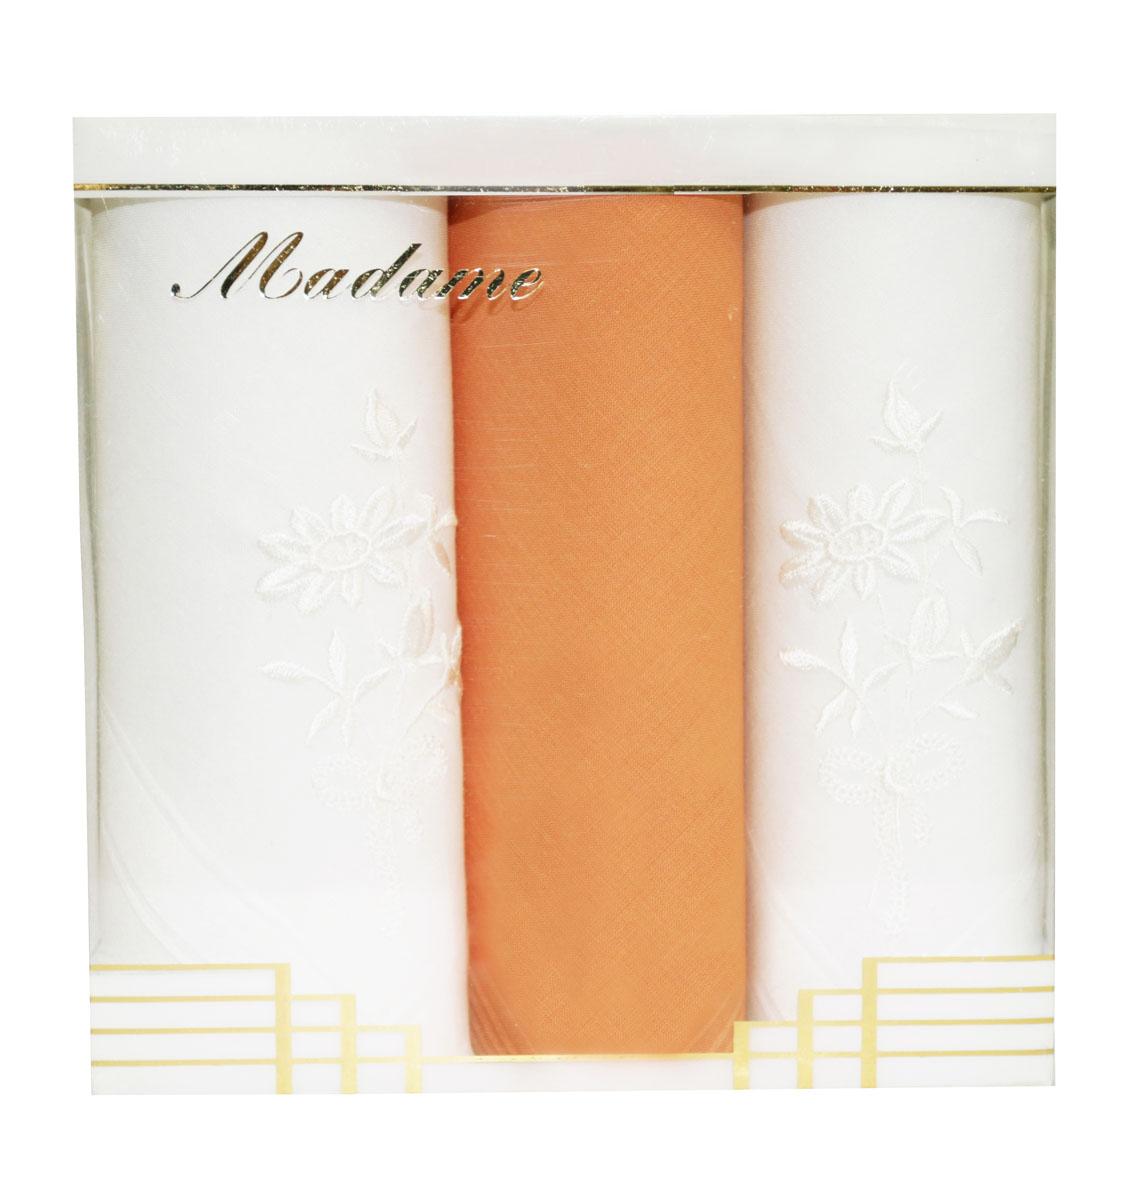 25605-22 Zlata Korunka Носовой платок женский, цвет: мультиколор, 29х29 см, 3 шт25605-22Платки носовые женские в упаковке по 3 шт. Носовые платки изготовлены из 100% хлопка, так как этот материал приятен в использовании, хорошо стирается, не садится, отлично впитывает влагу.